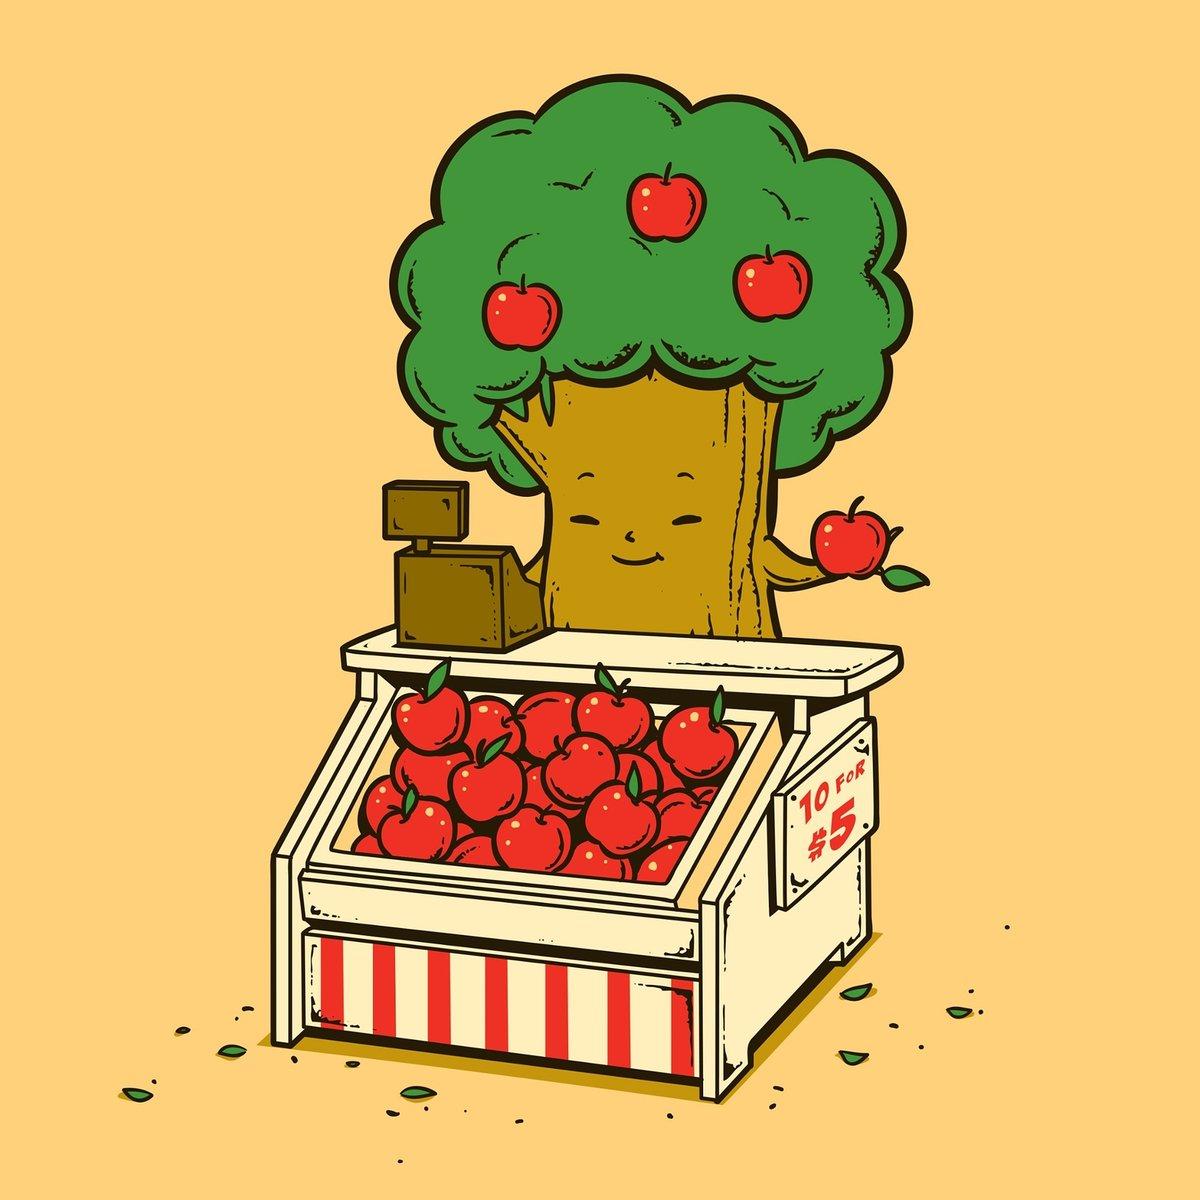 Милые смешные рисунки еды, вставить картинку